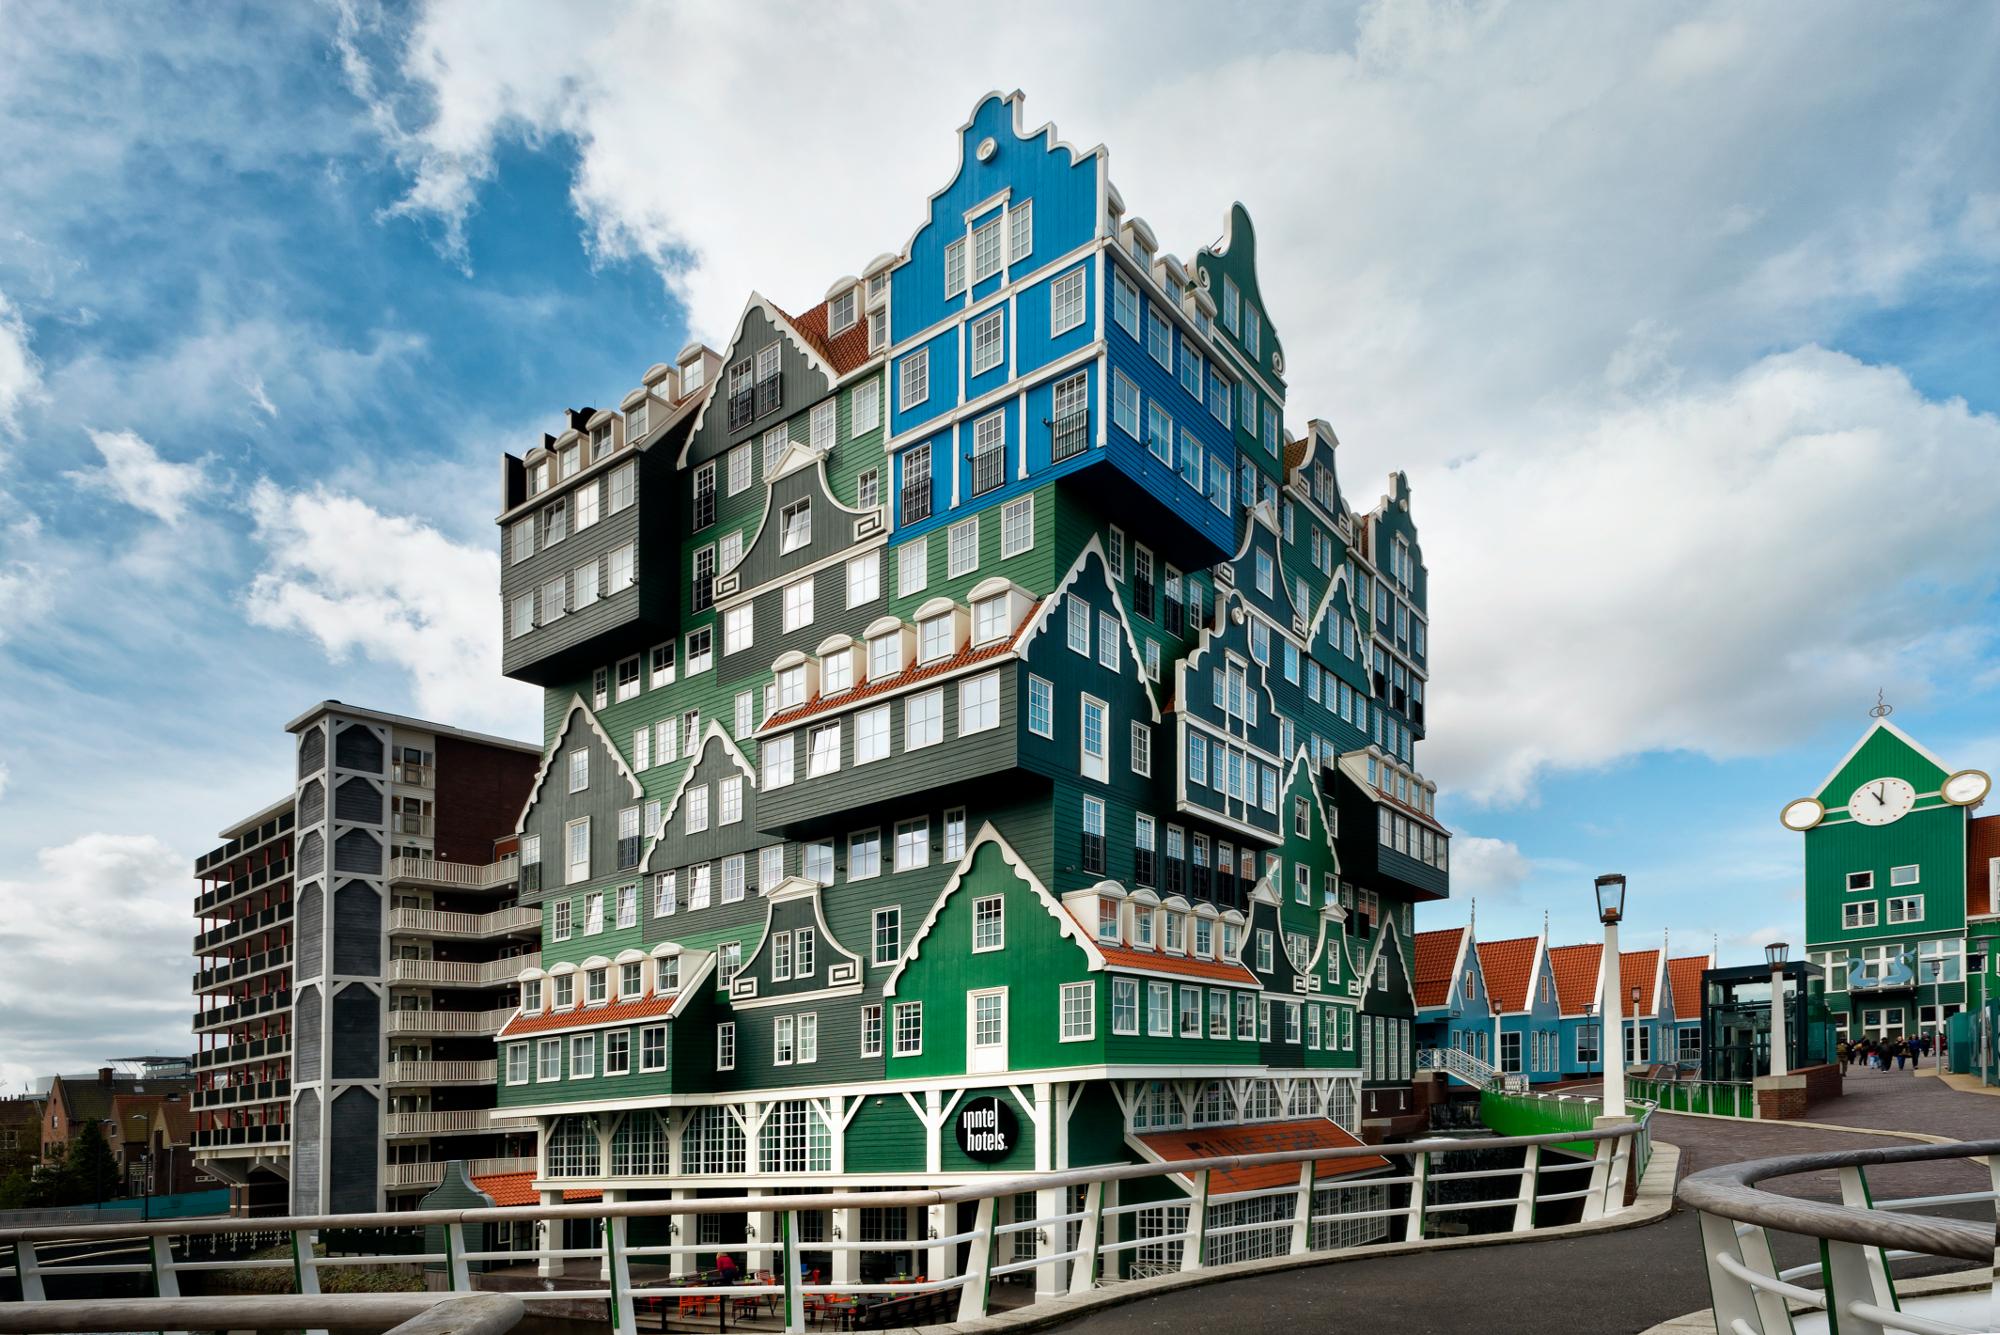 amsterdam 2 tage im stylischen top 4 hotel mit wellness